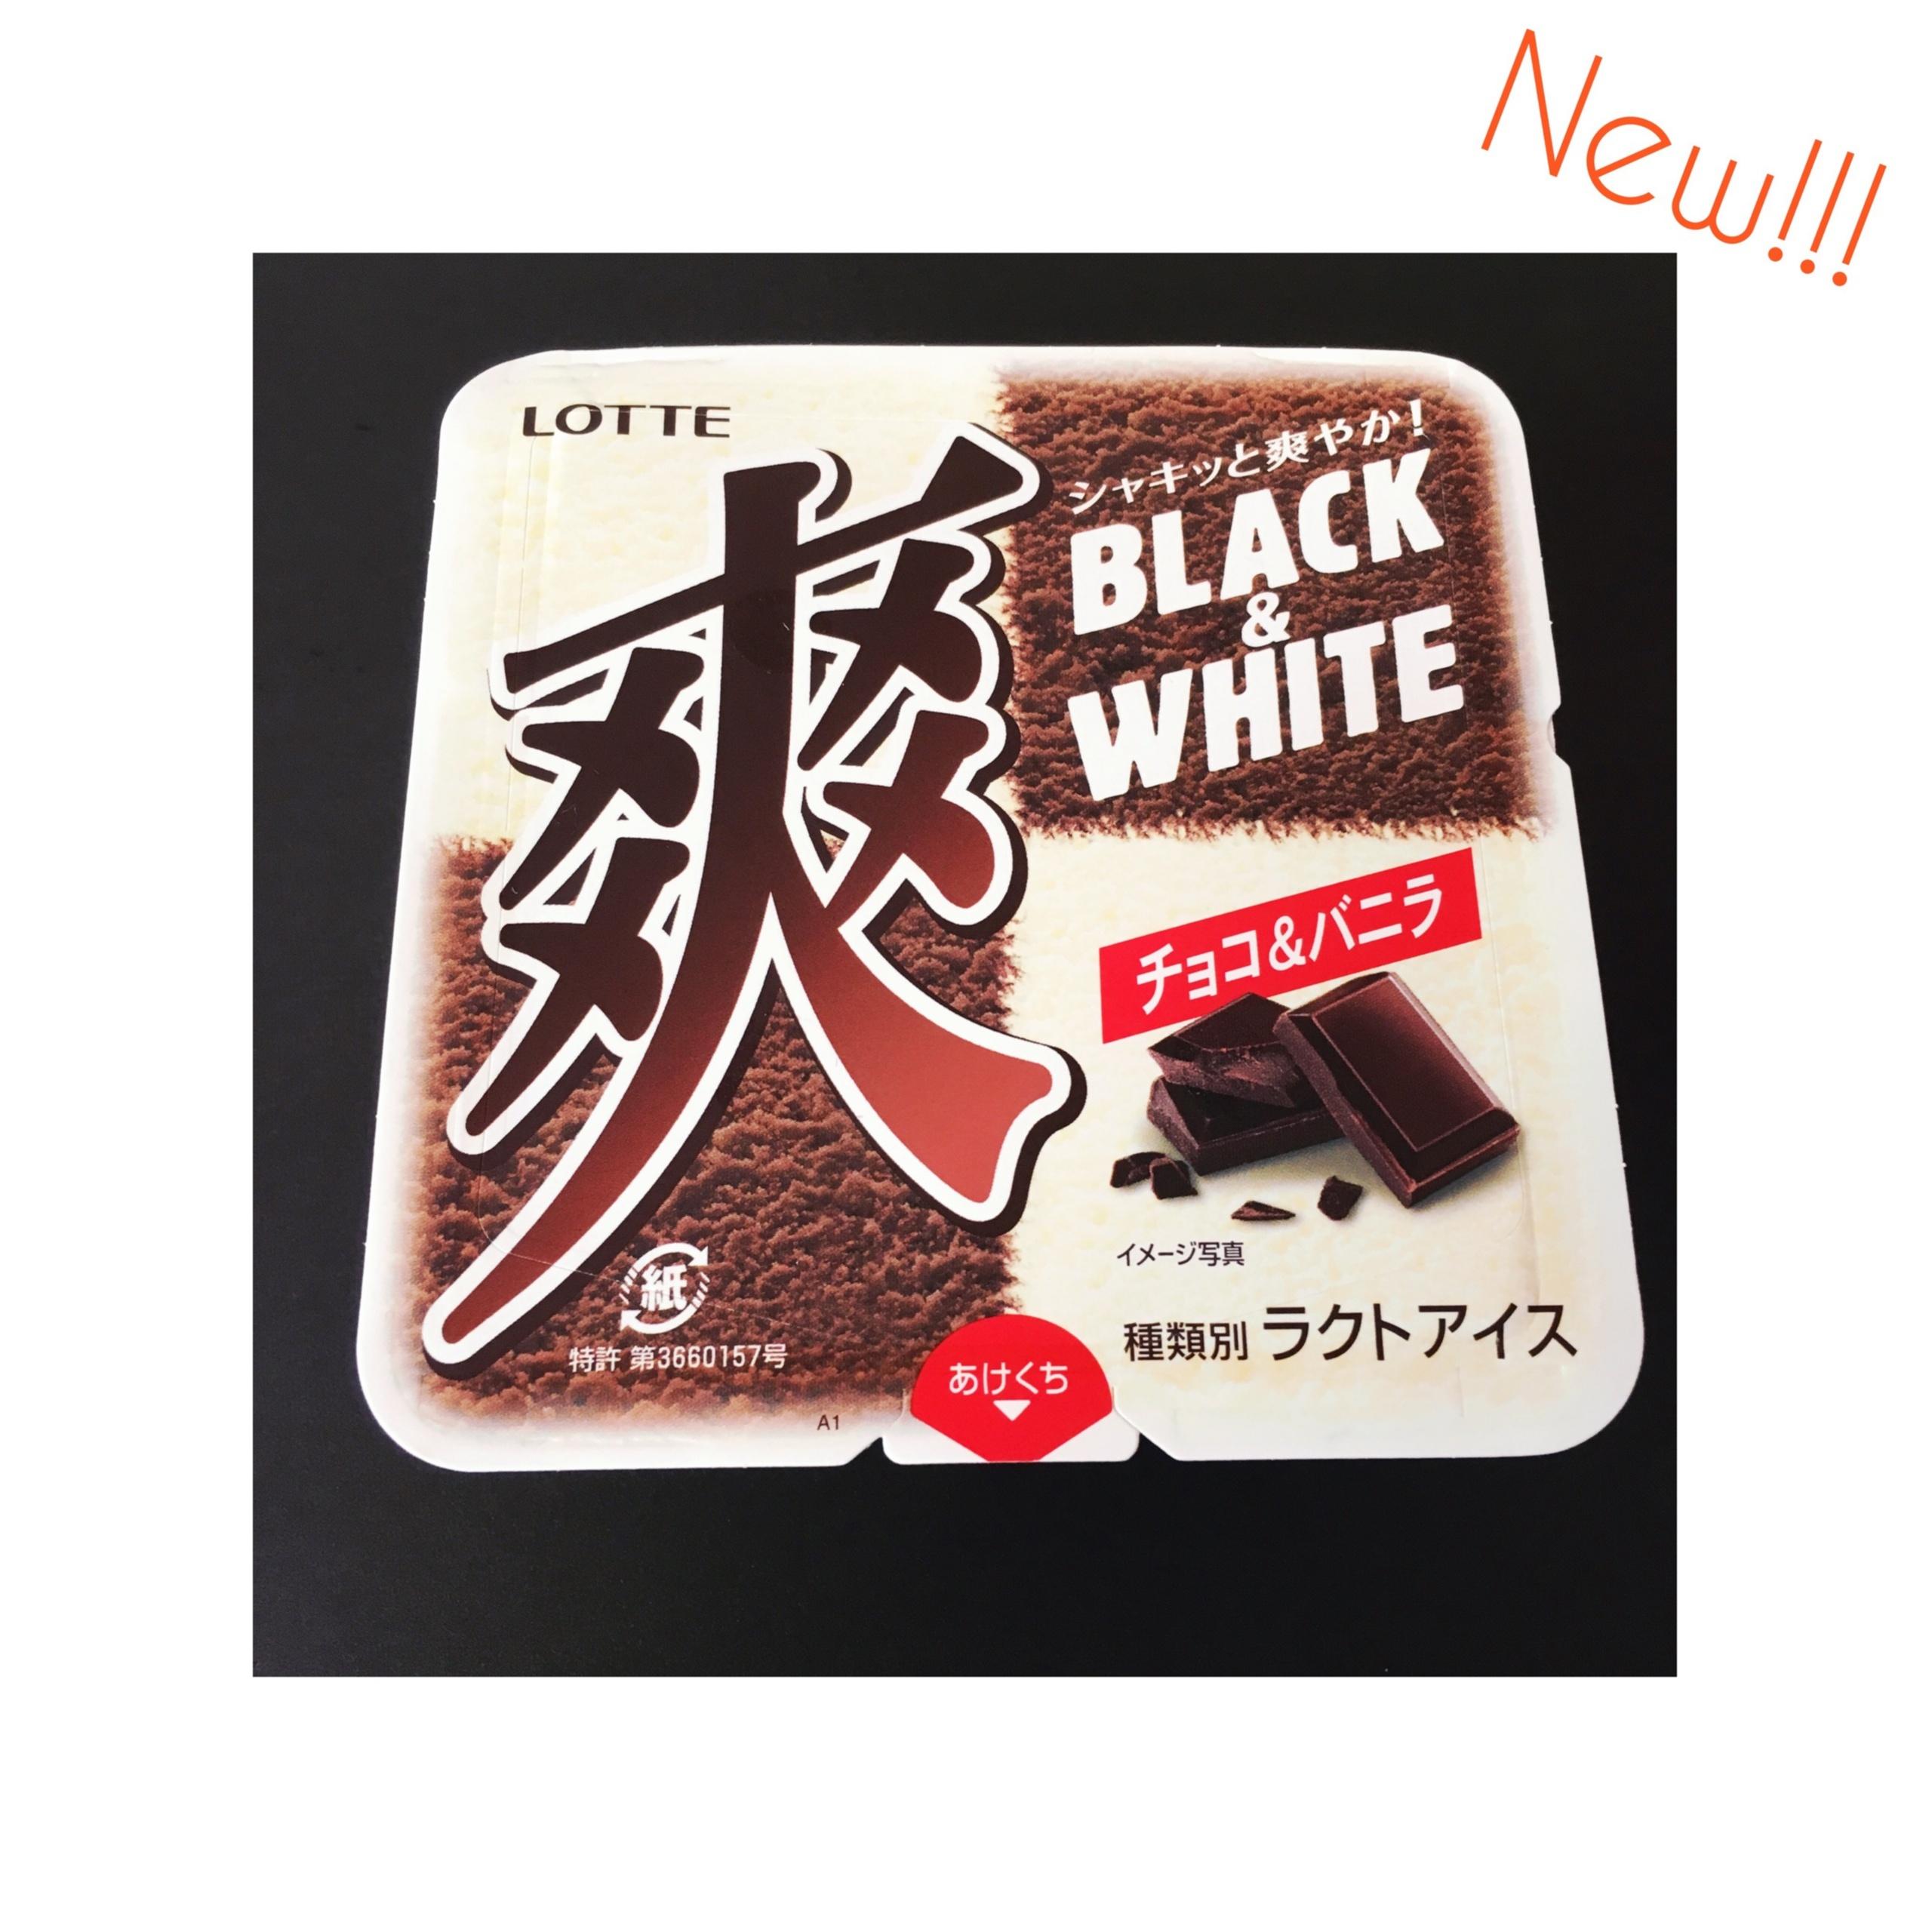 《本日9/25発売★》【コンビニアイス】ロッテ爽から新登場✨「BLACK&WHITE」❤️_1